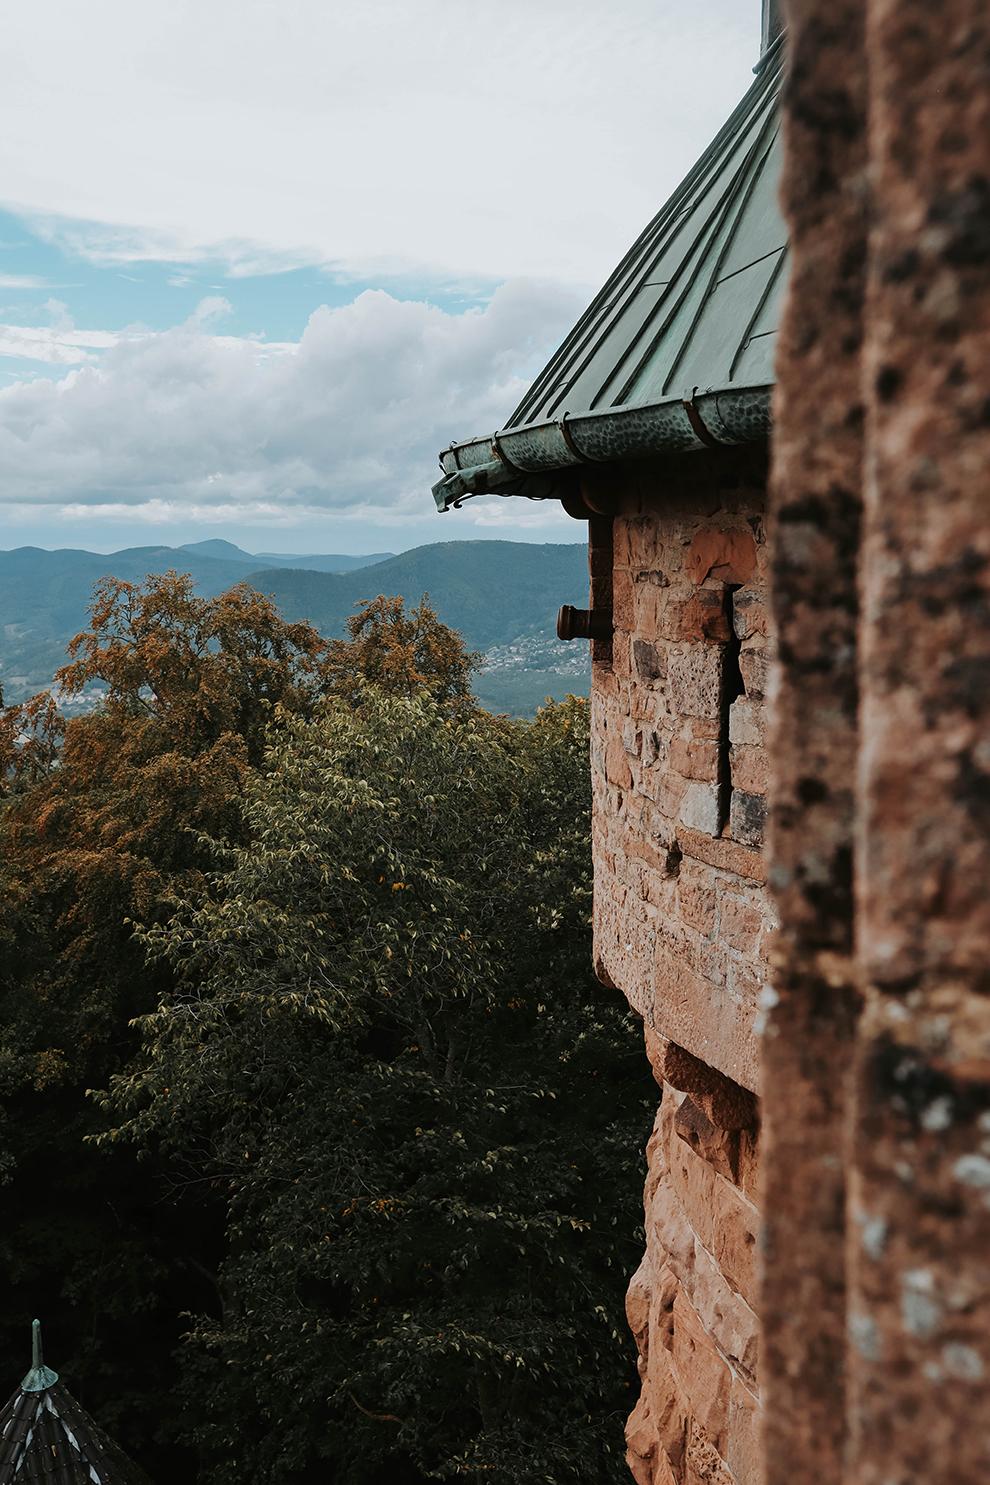 Uitzicht vanaf kasteel bovenop een bergtop in het departement Haut-Rhin